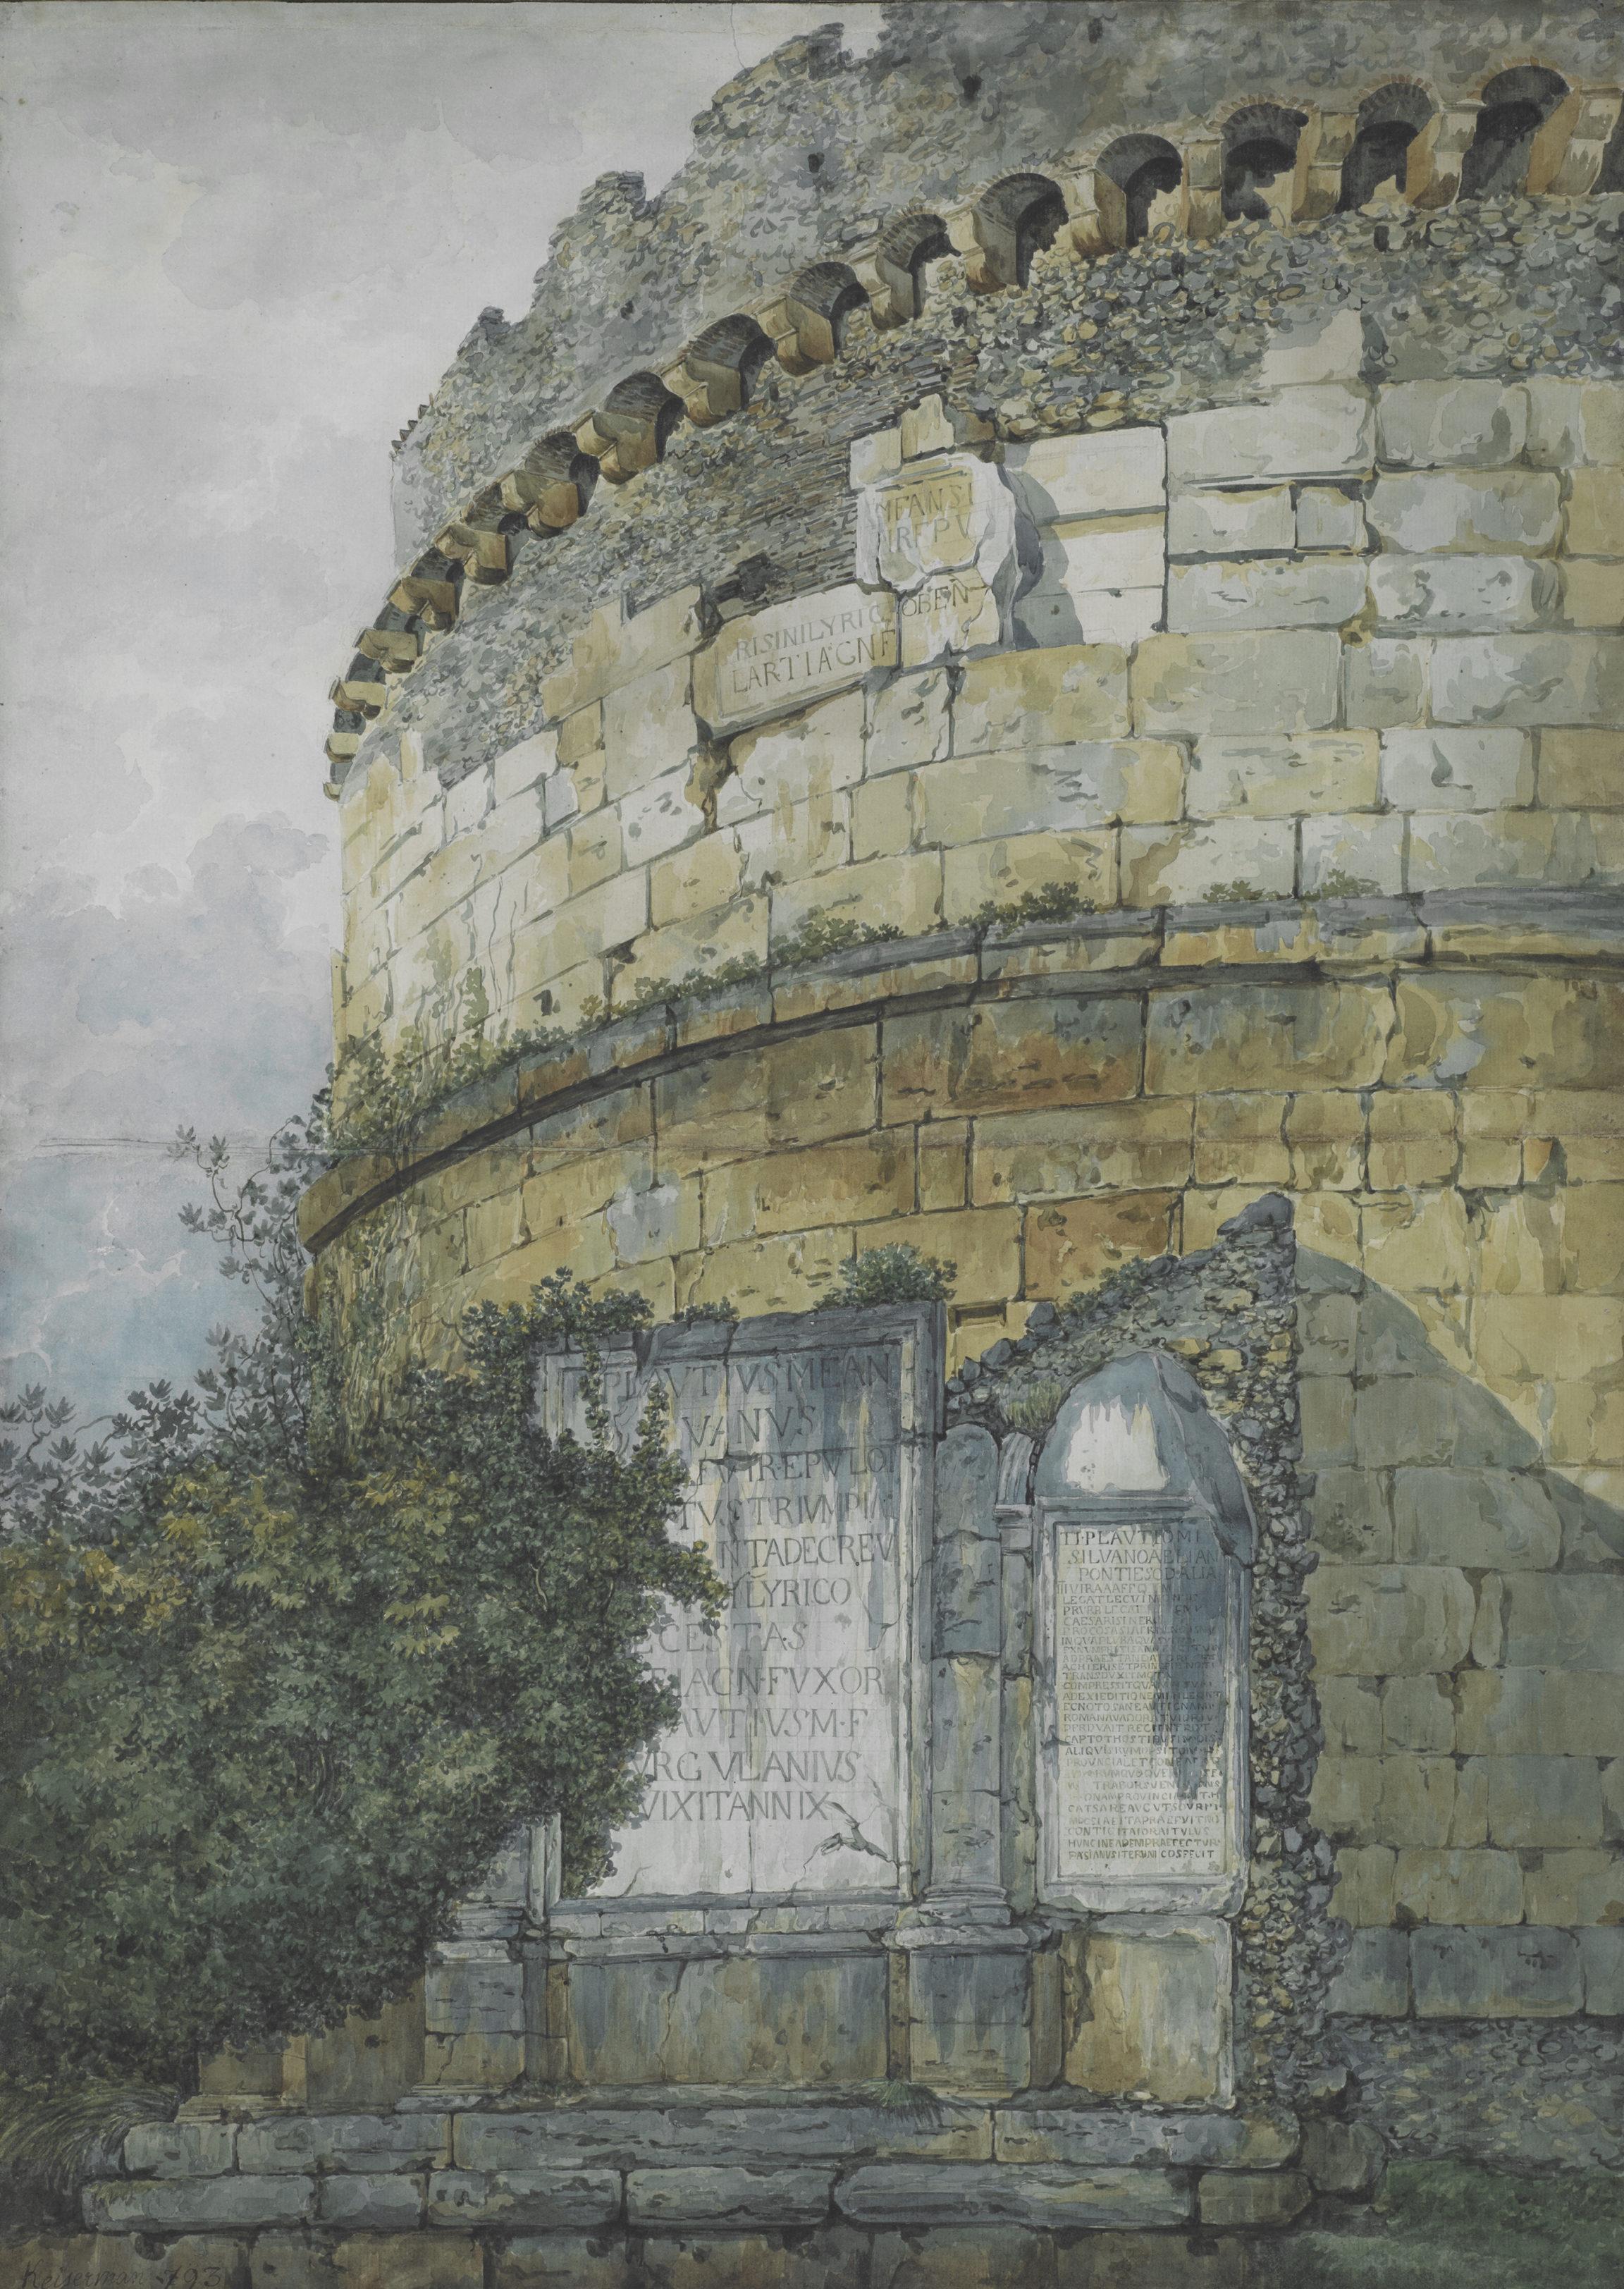 François Keiserman, Le tombeau de Plautius sur la route de Tivoli, 1793